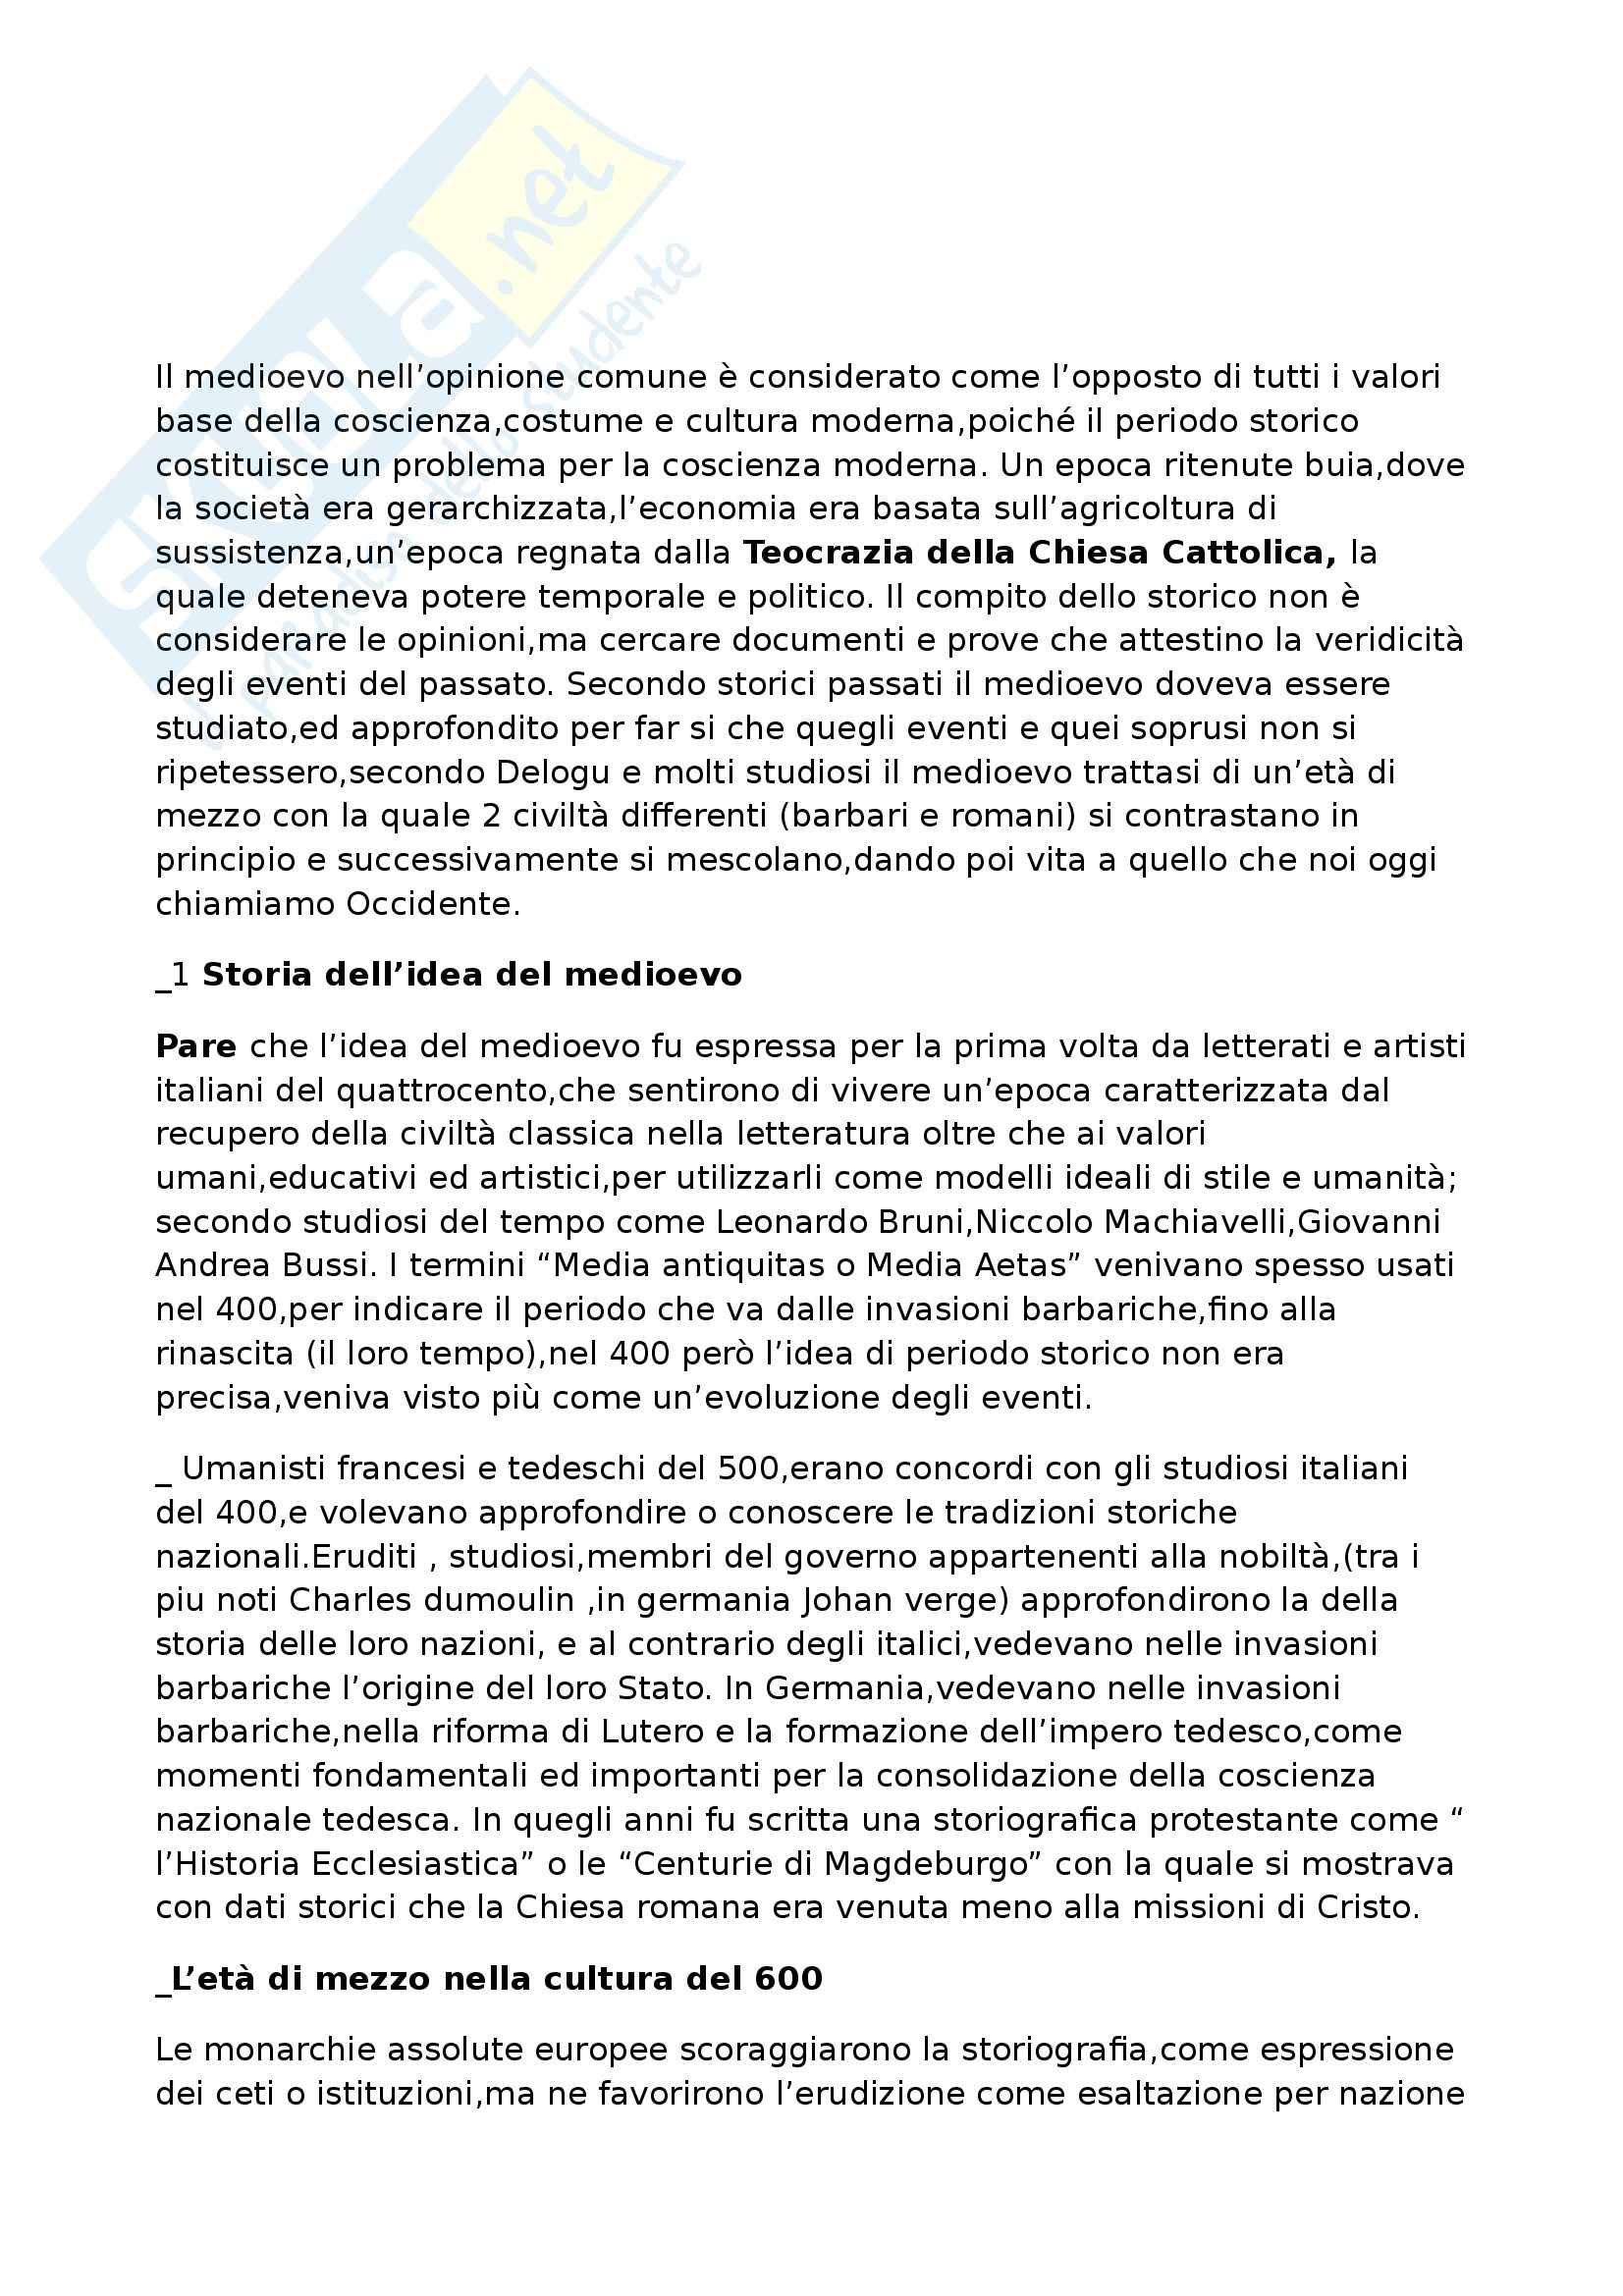 Riassunto esame Storia medievale, prof. Benvenuti, libro consigliato Introduzione alla storia medievale, Delogu